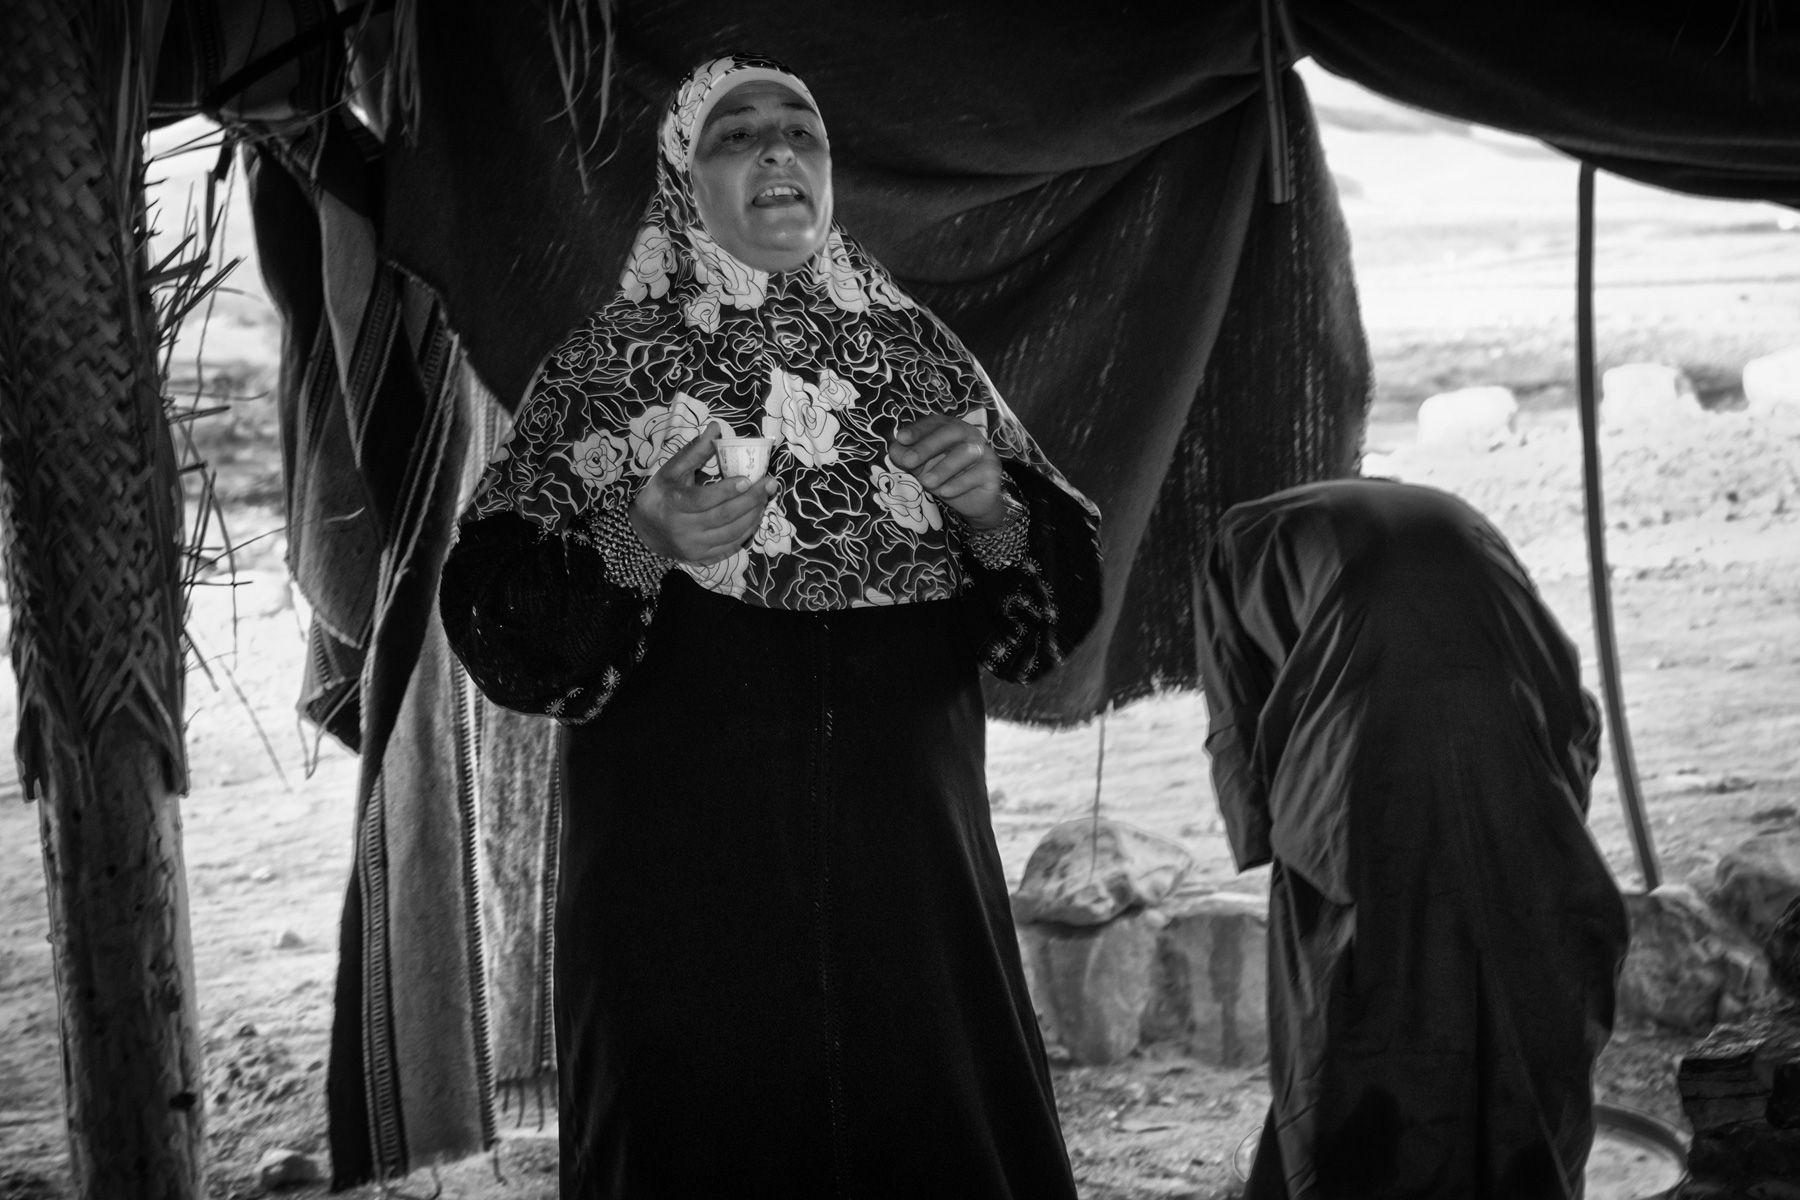 Arad, Israel 06/26/16